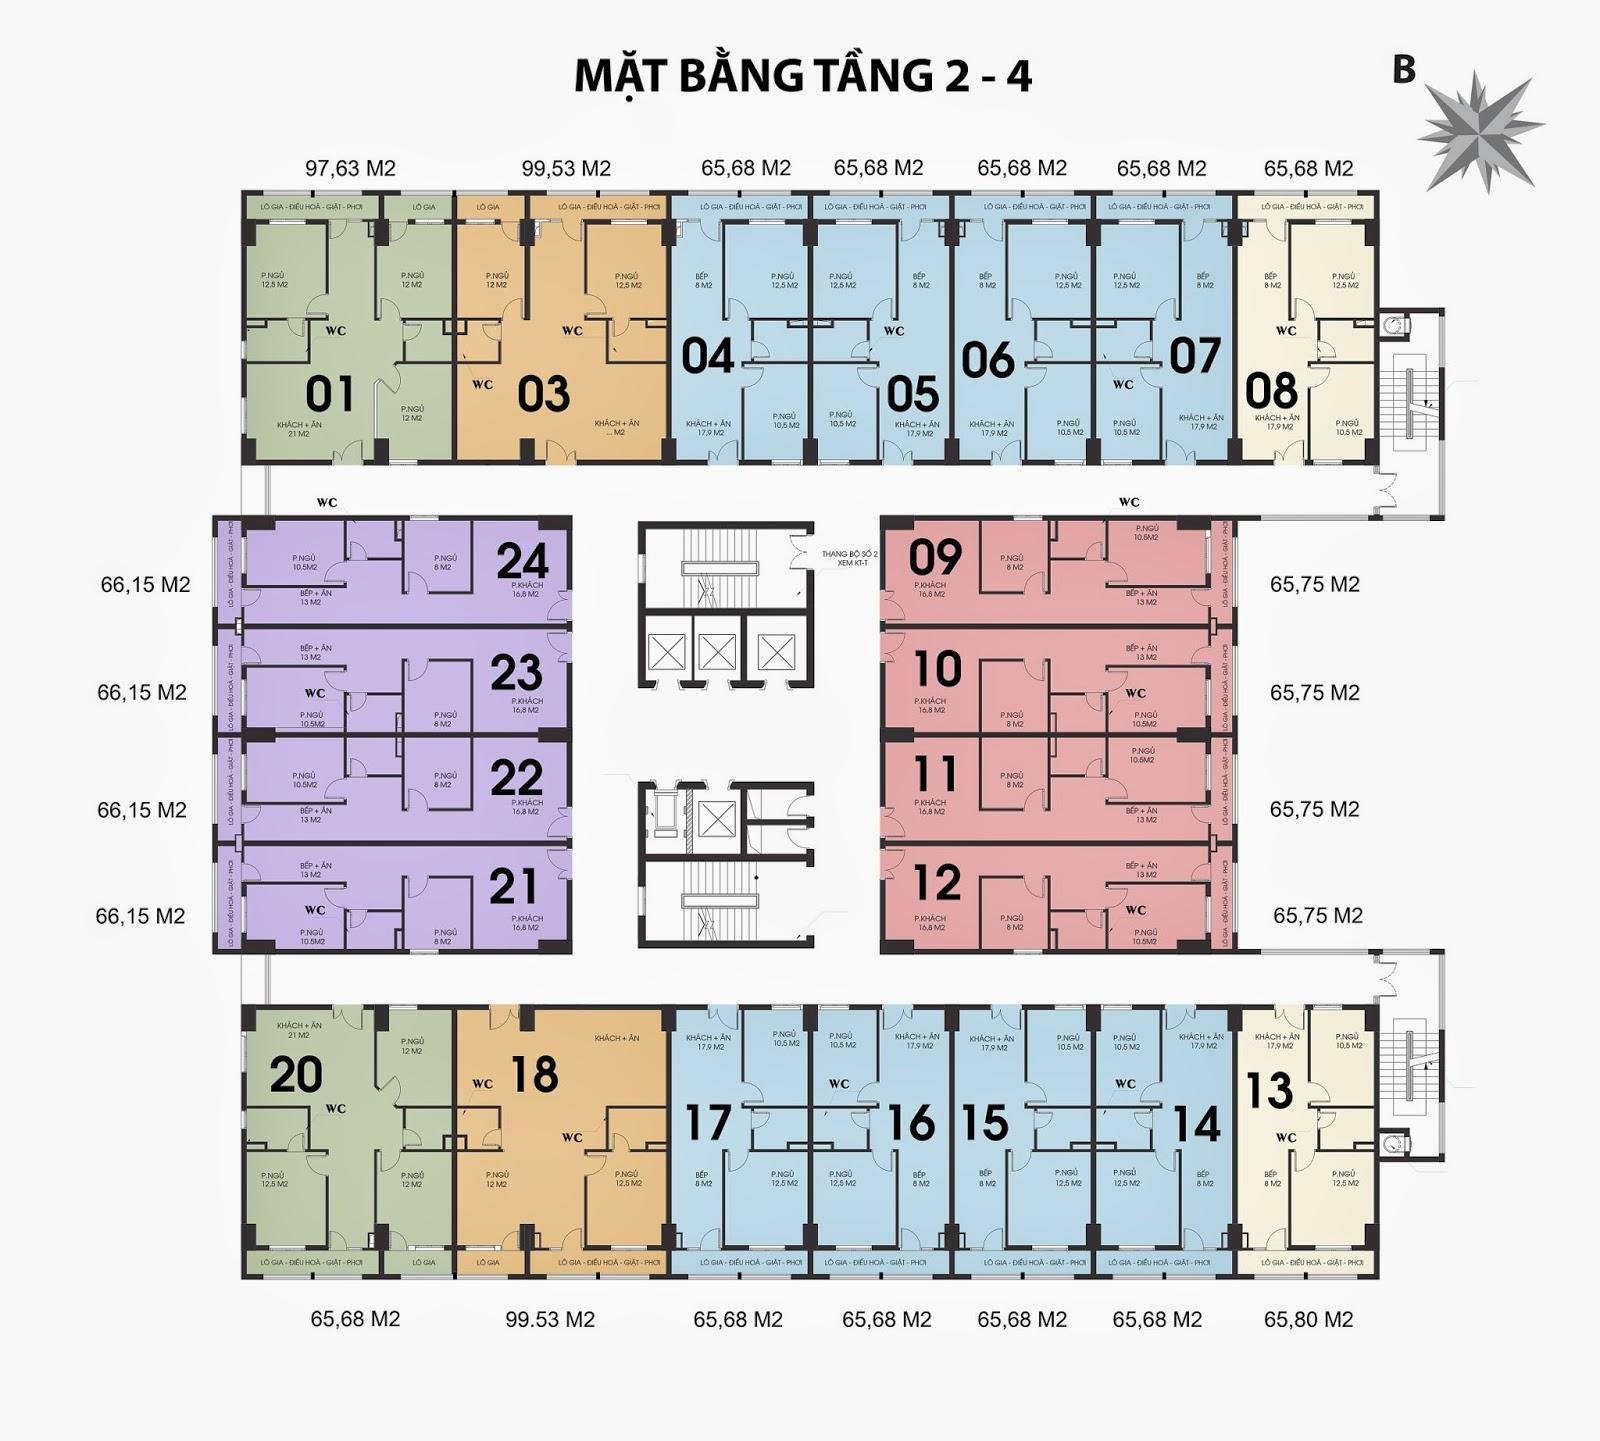 mat-bang-tang-2-4